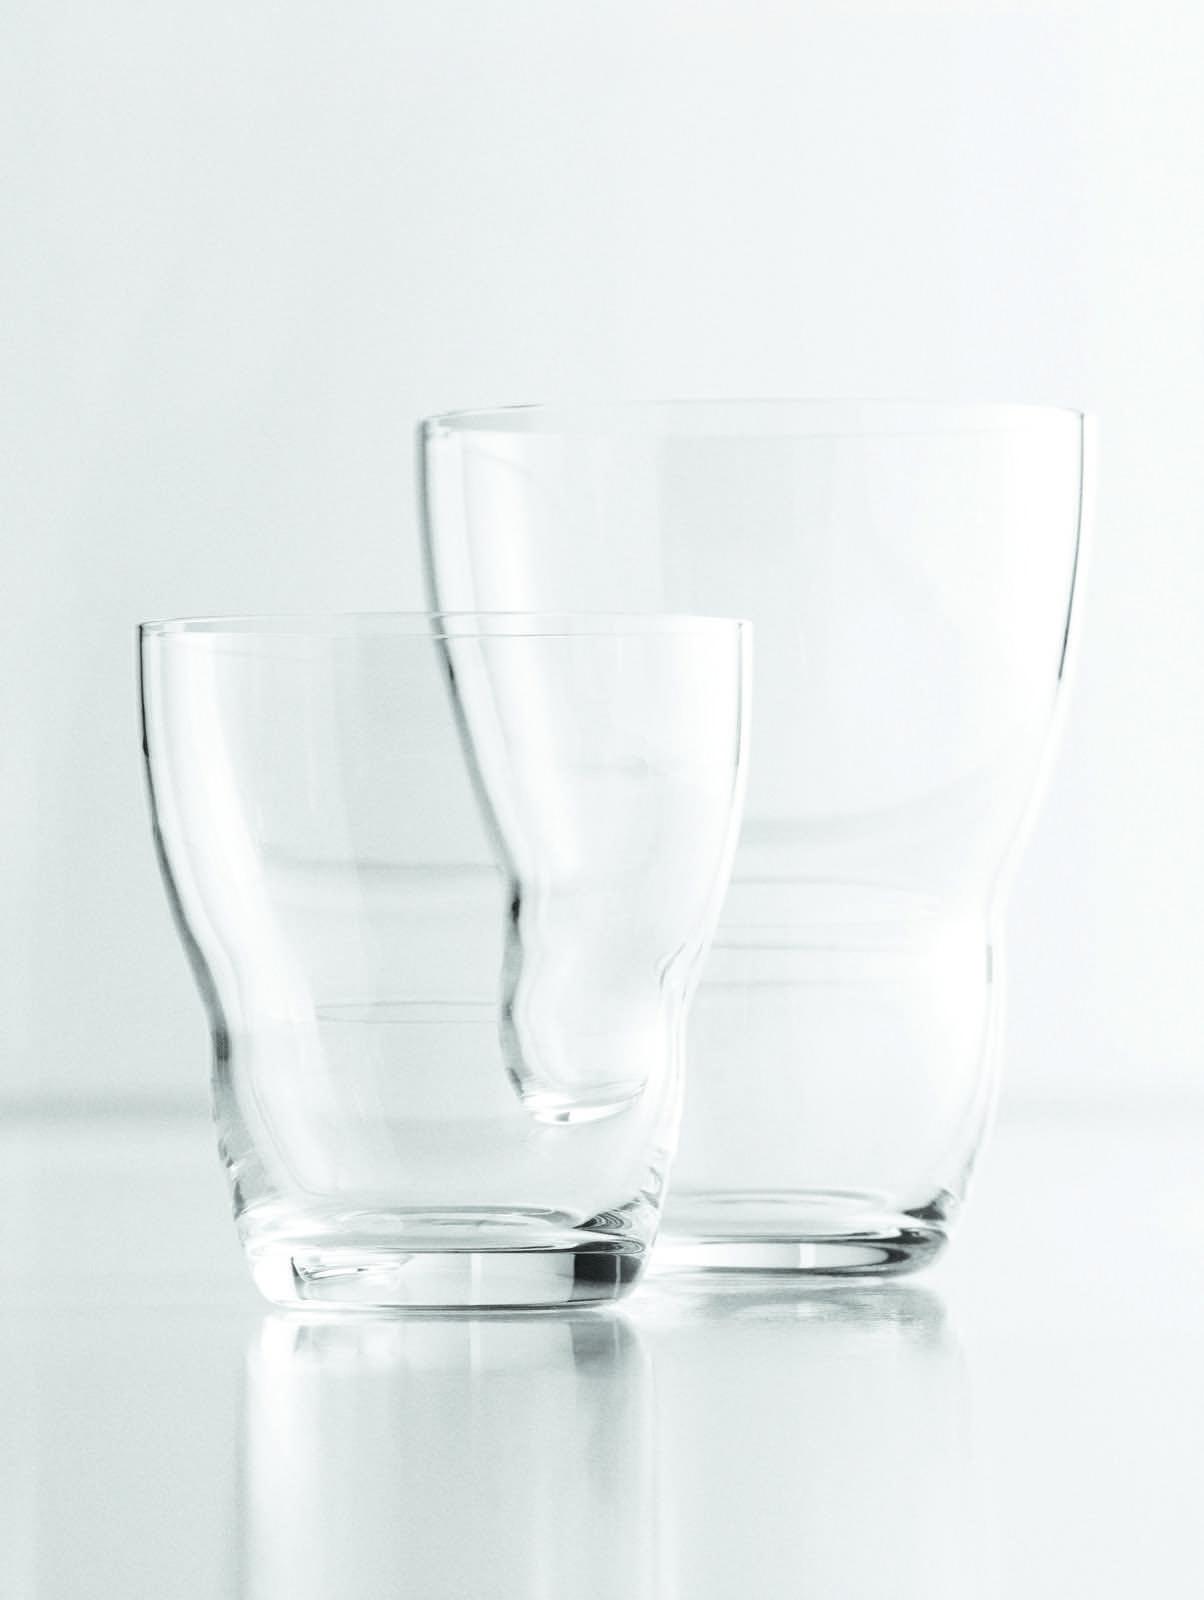 Vipp Vipp240 glas | Matser Wageningen